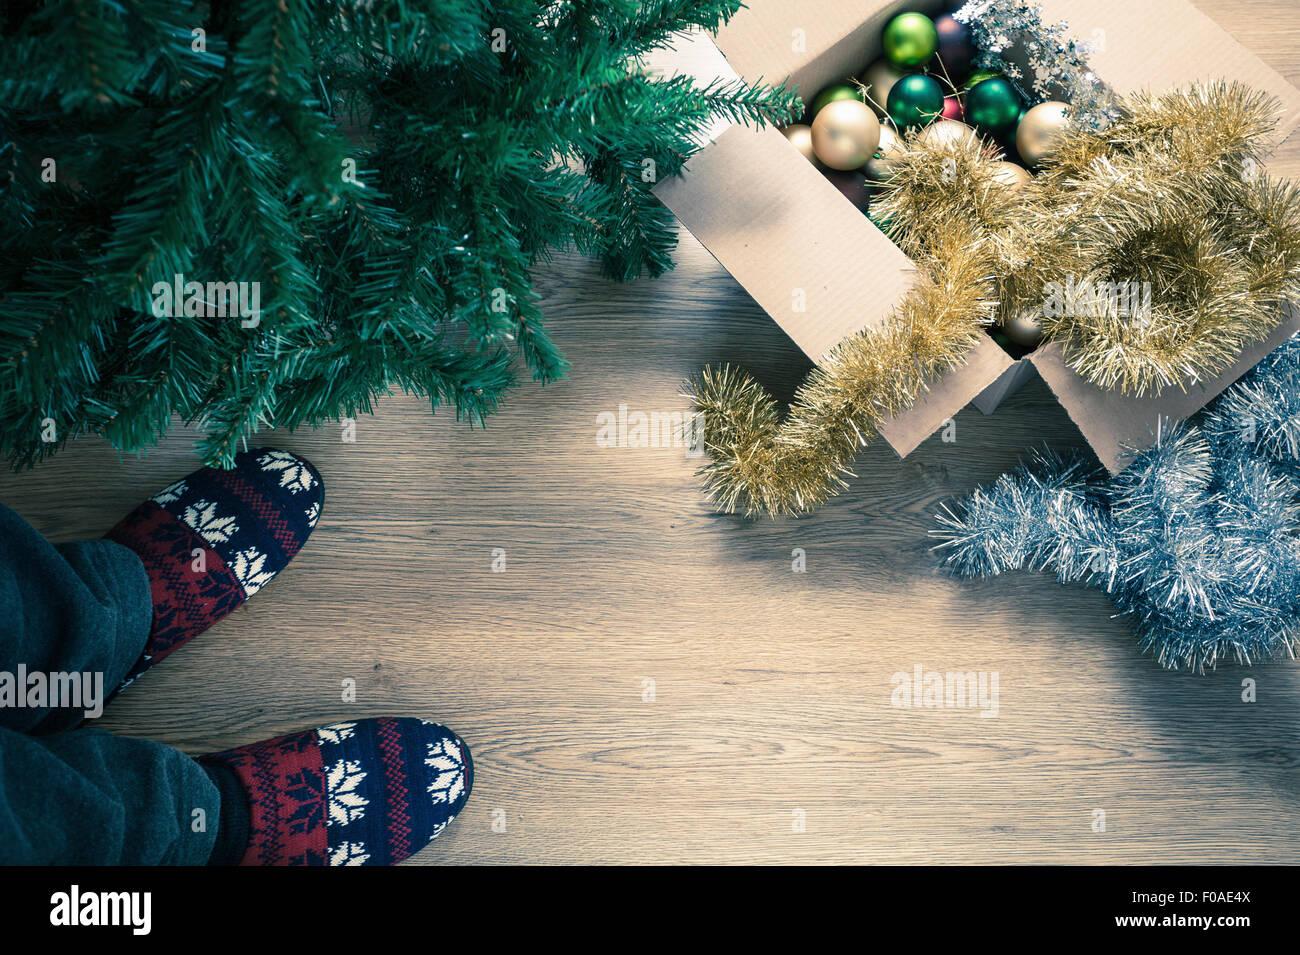 Personne portant des chaussons avec des décorations de Noël, high angle Photo Stock